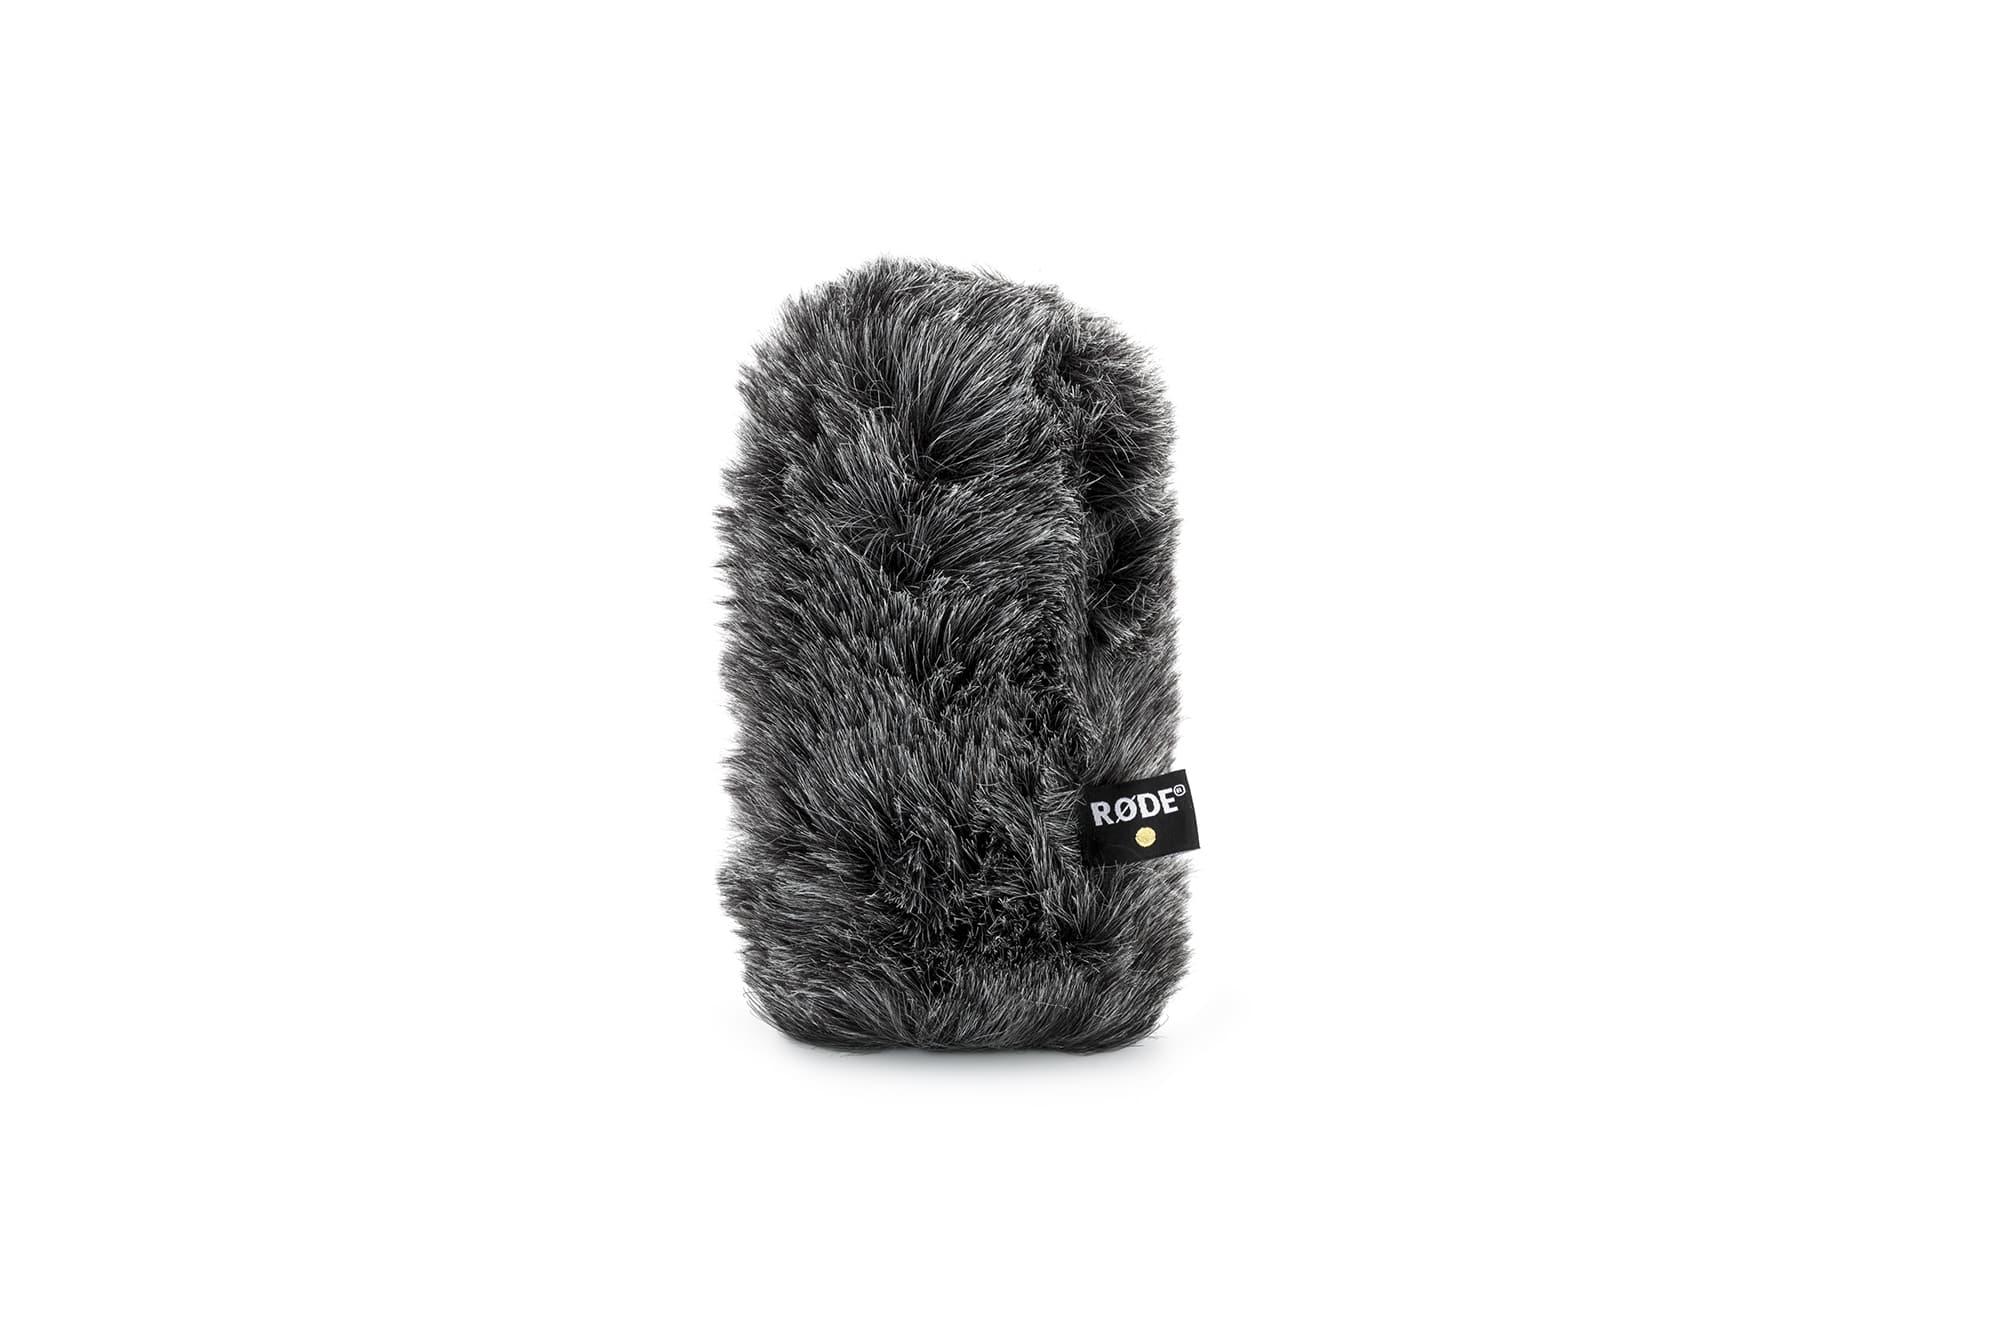 RØDE unveils NTG5 short shotgun microphone 14